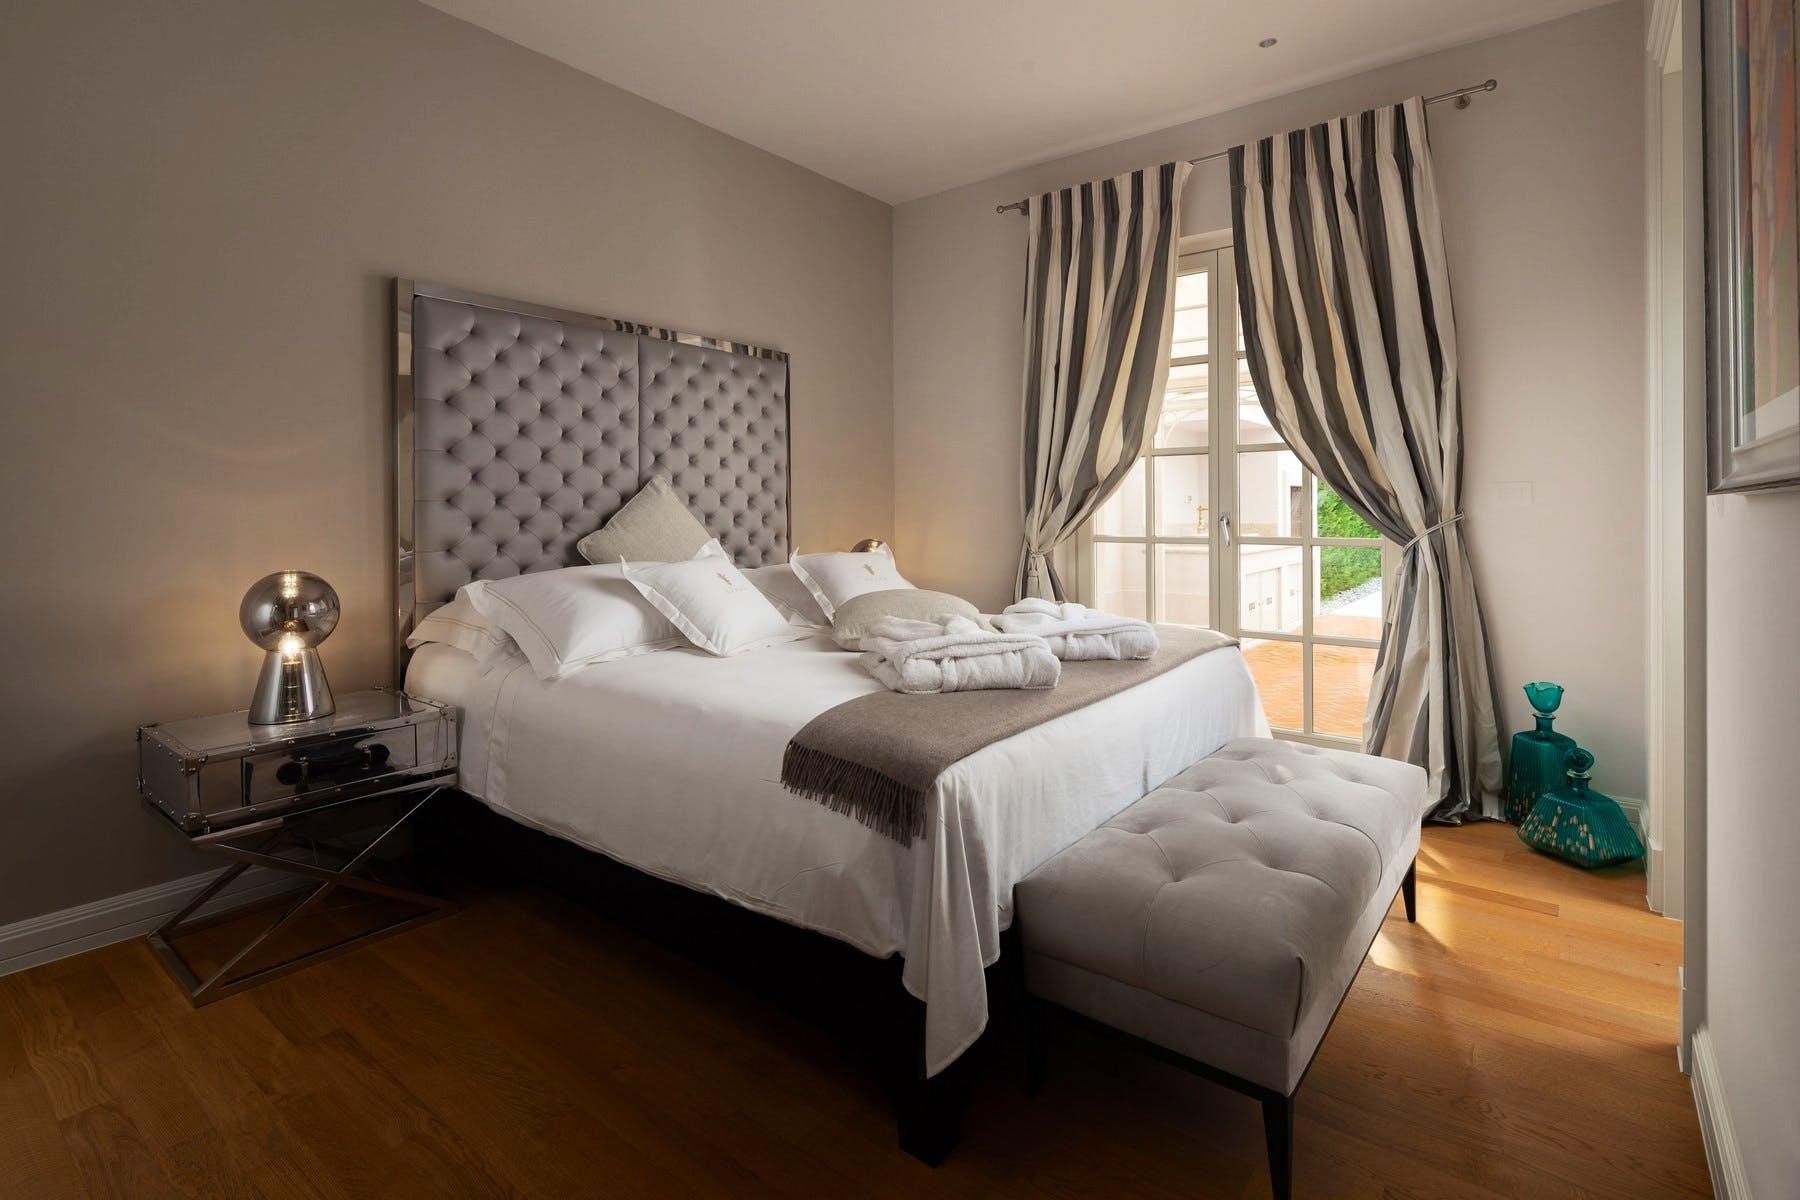 Luxurious double bedroom decor